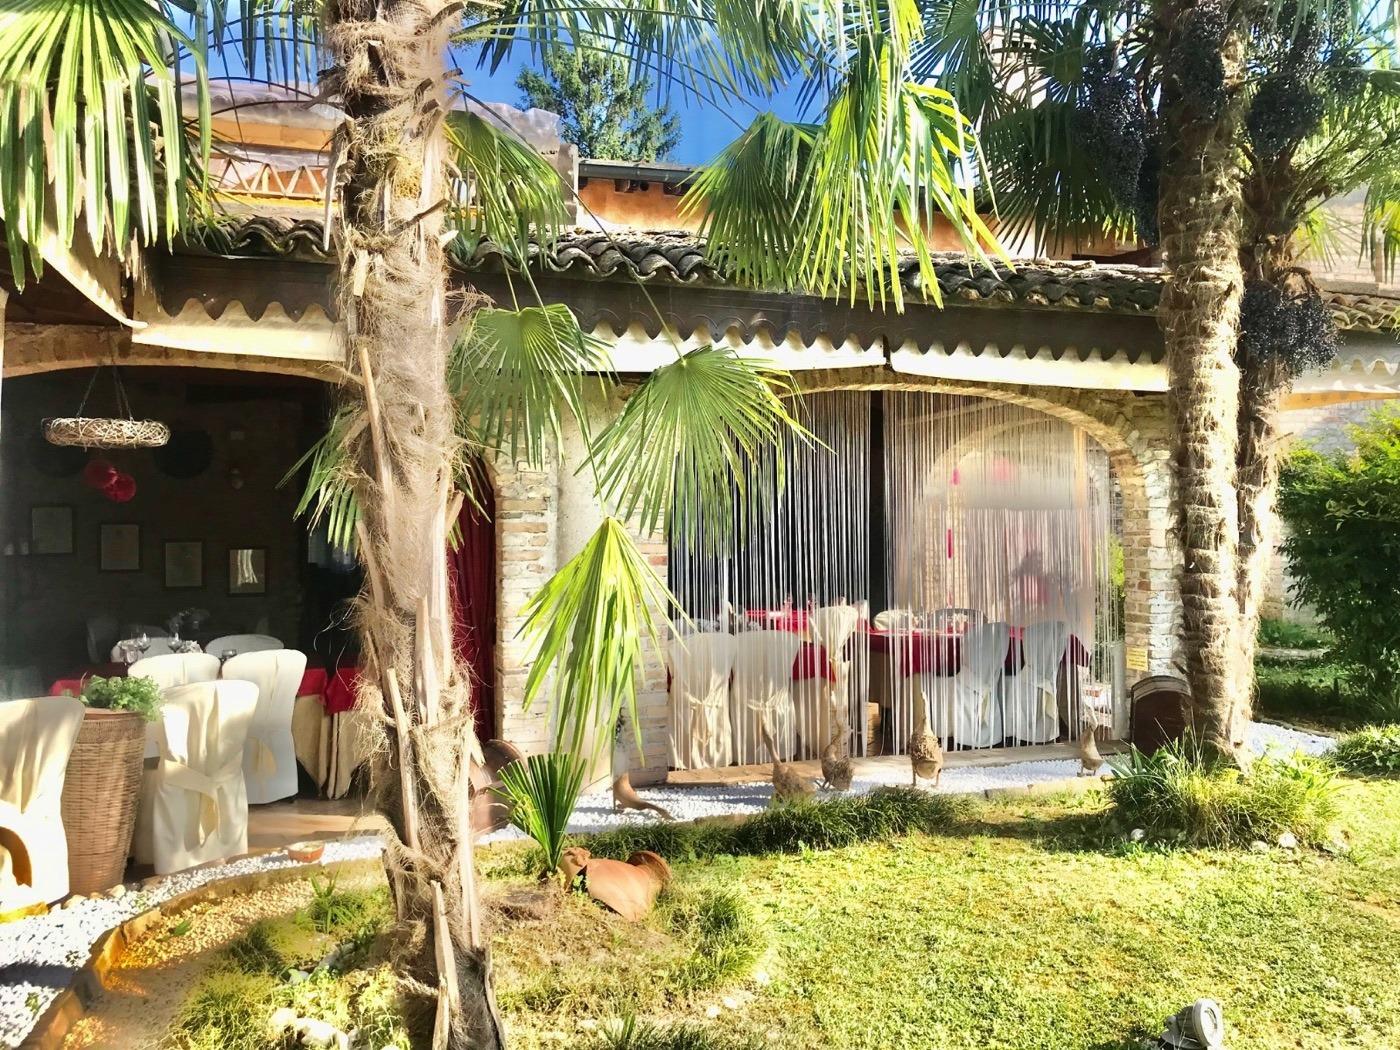 10 veranda giardino ristorante eventi cerimonie Eventi e cerimonie, Veranda esterna e giardino | Ristorante Rivignano Friuli